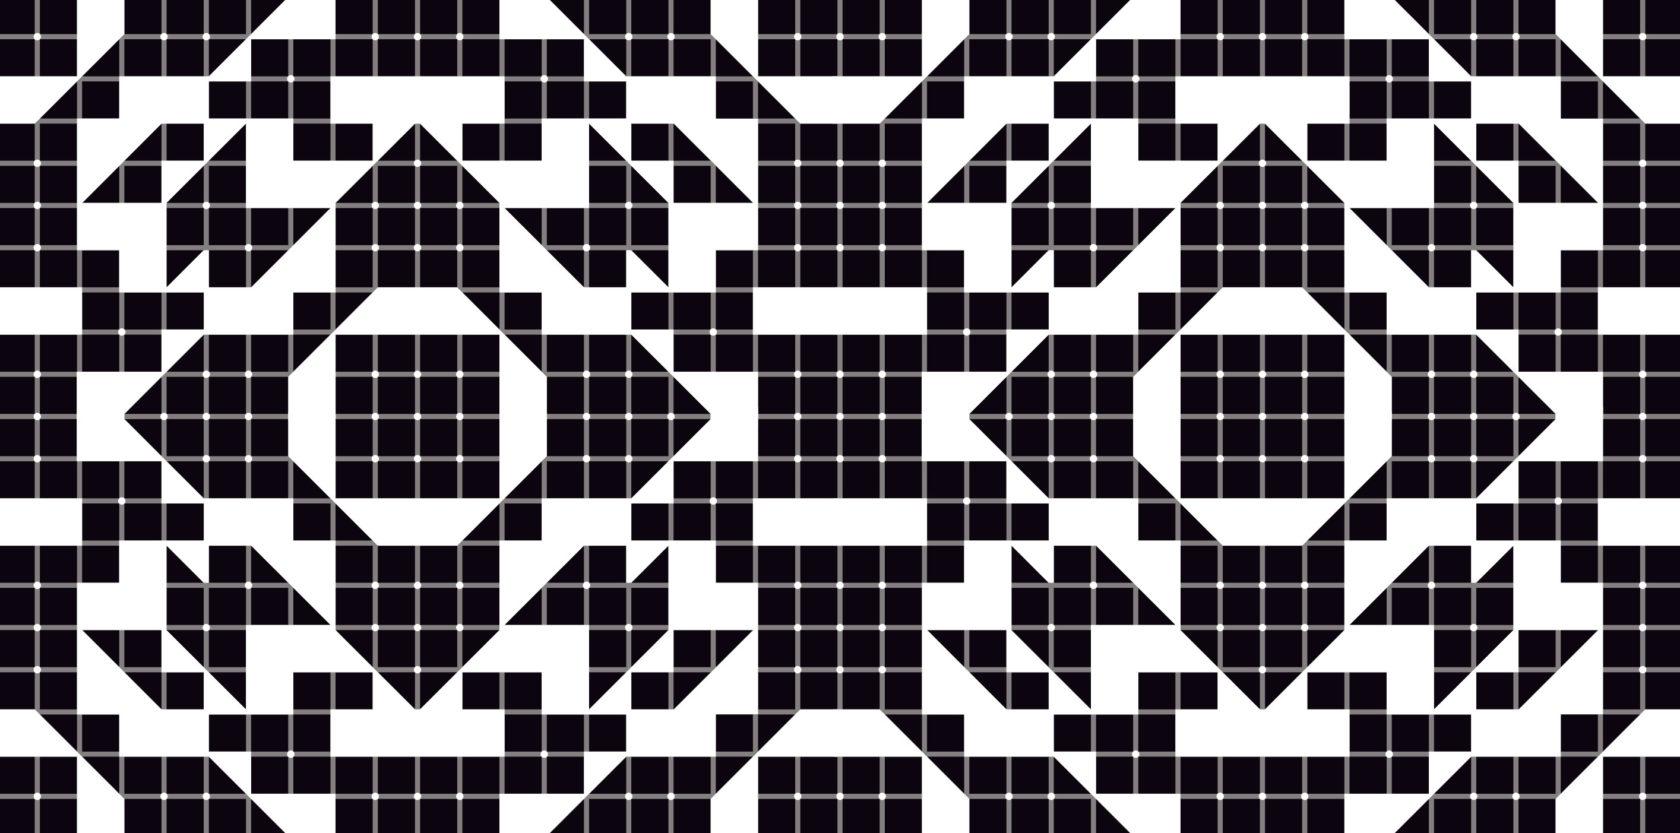 3DM6 Pattern Design by Furia